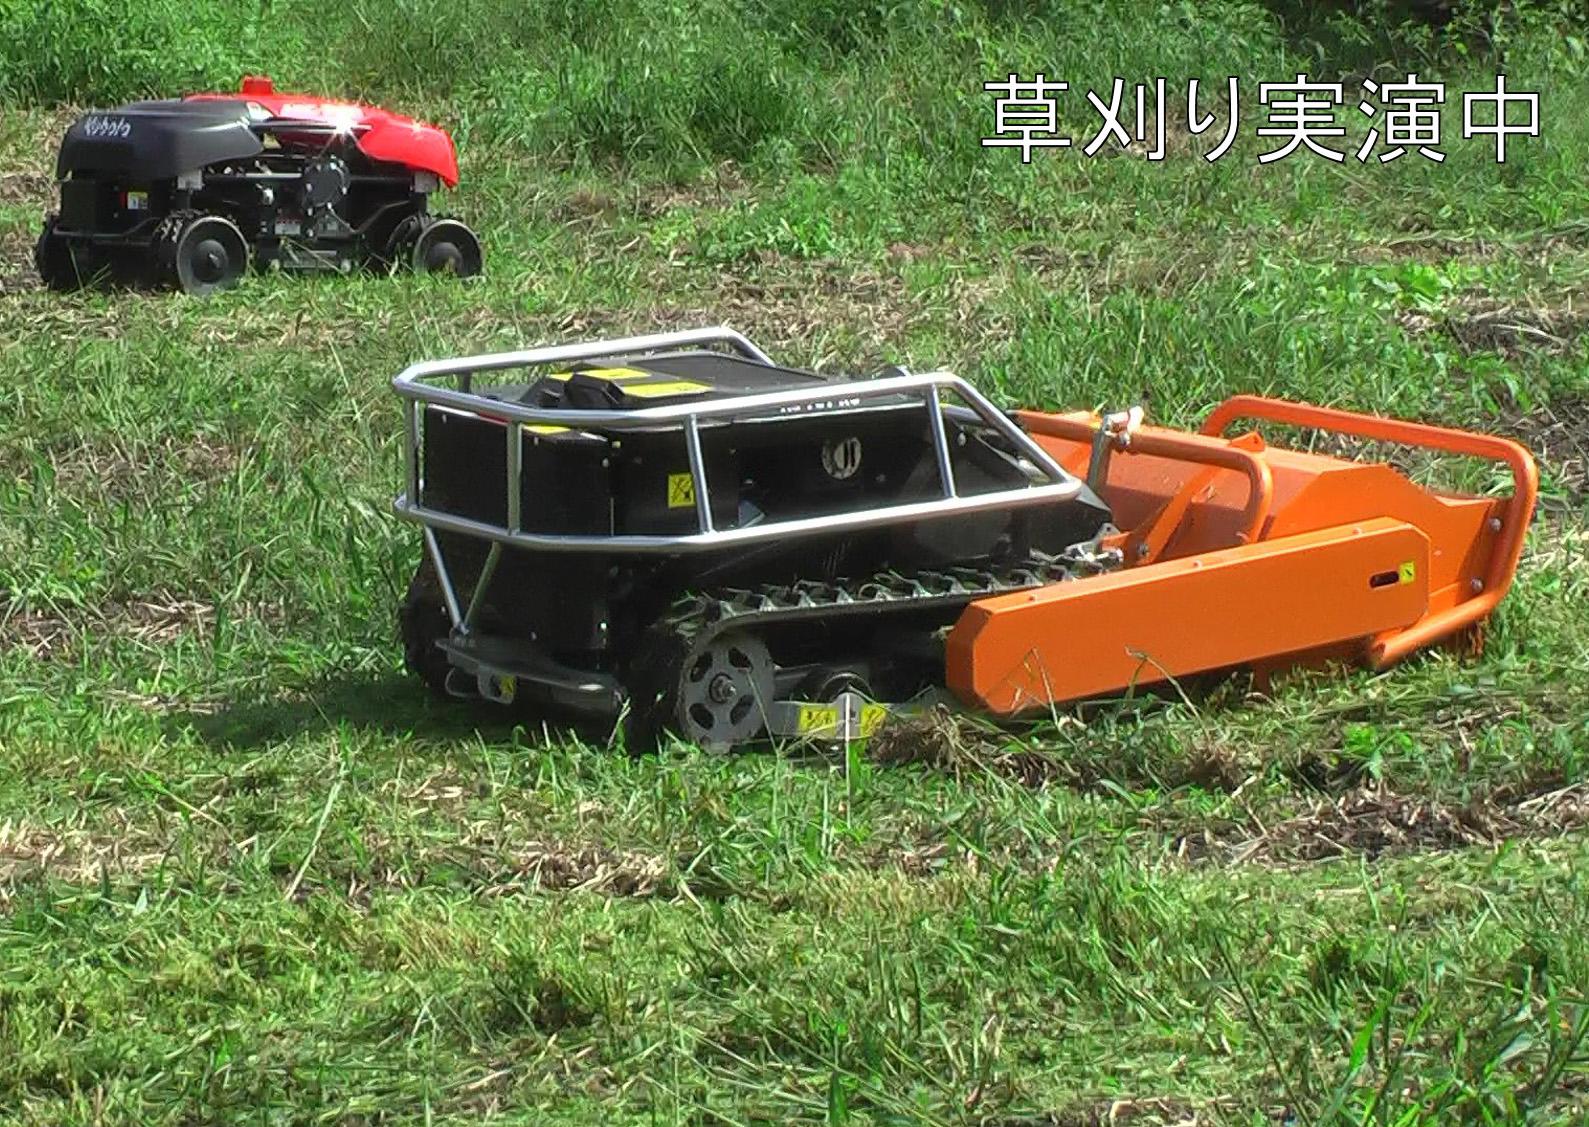 新たな基本計画の説明会 テレビ会議で|兵庫県